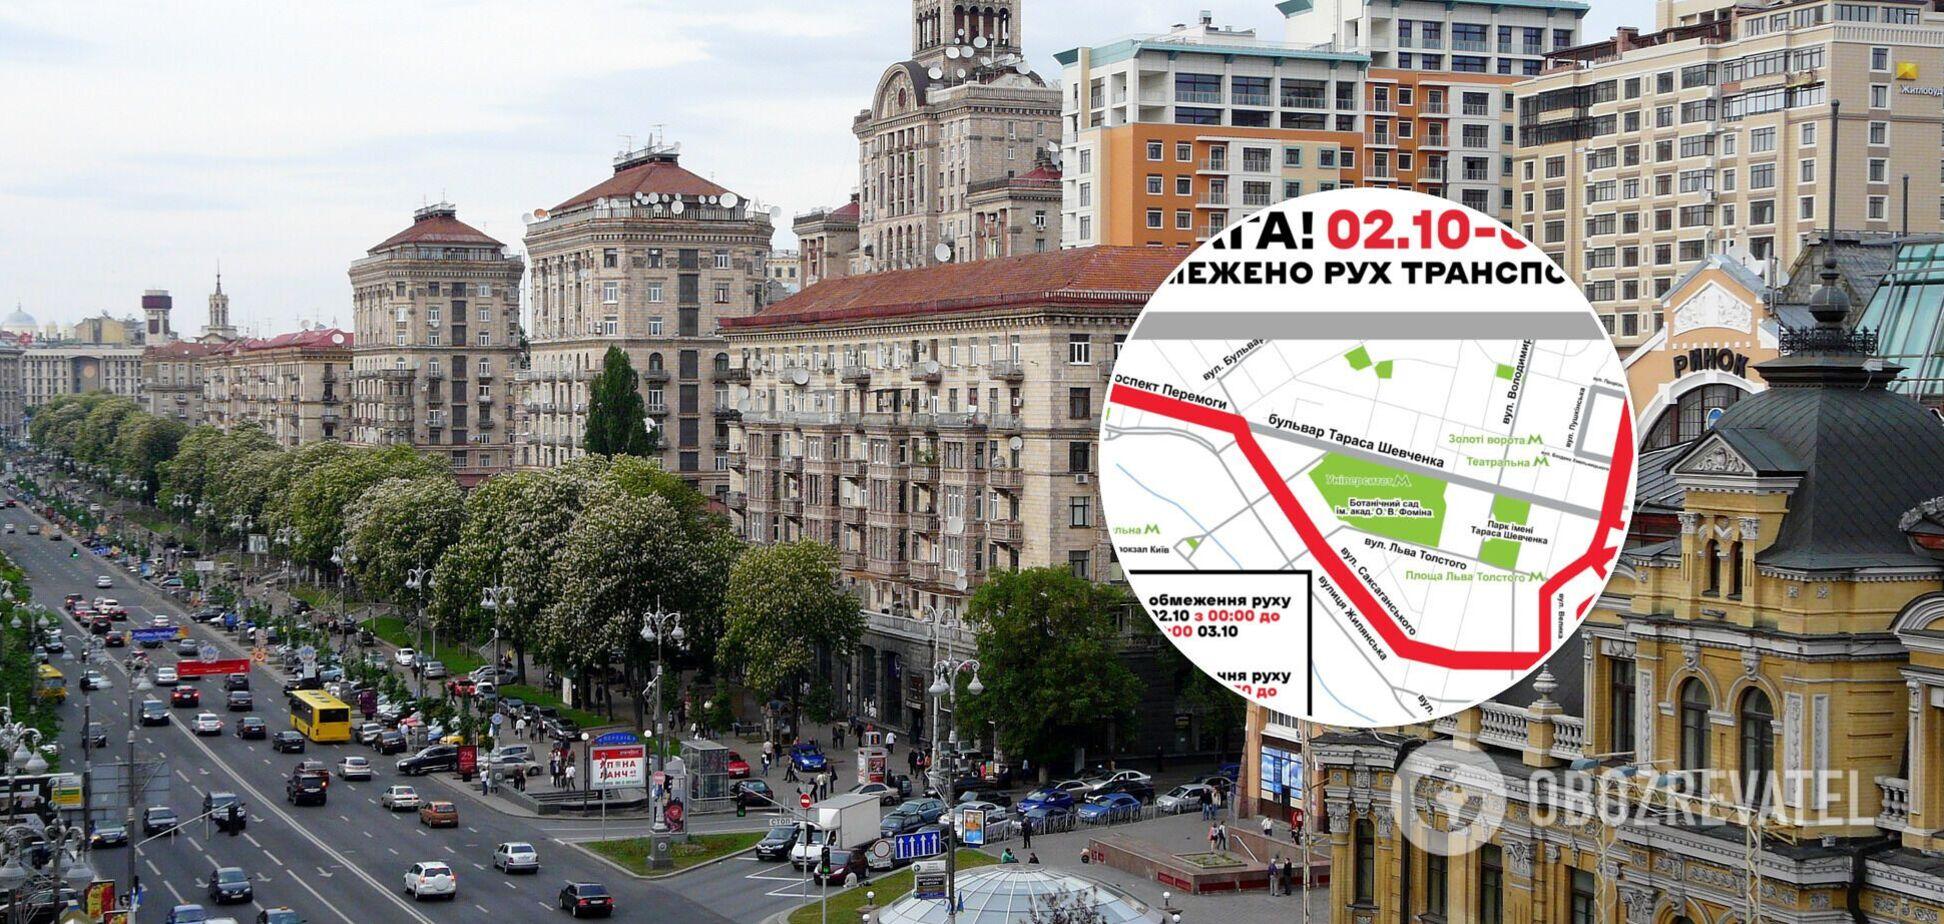 В Киеве на выходных перекроют движение транспорта: список улиц и карта